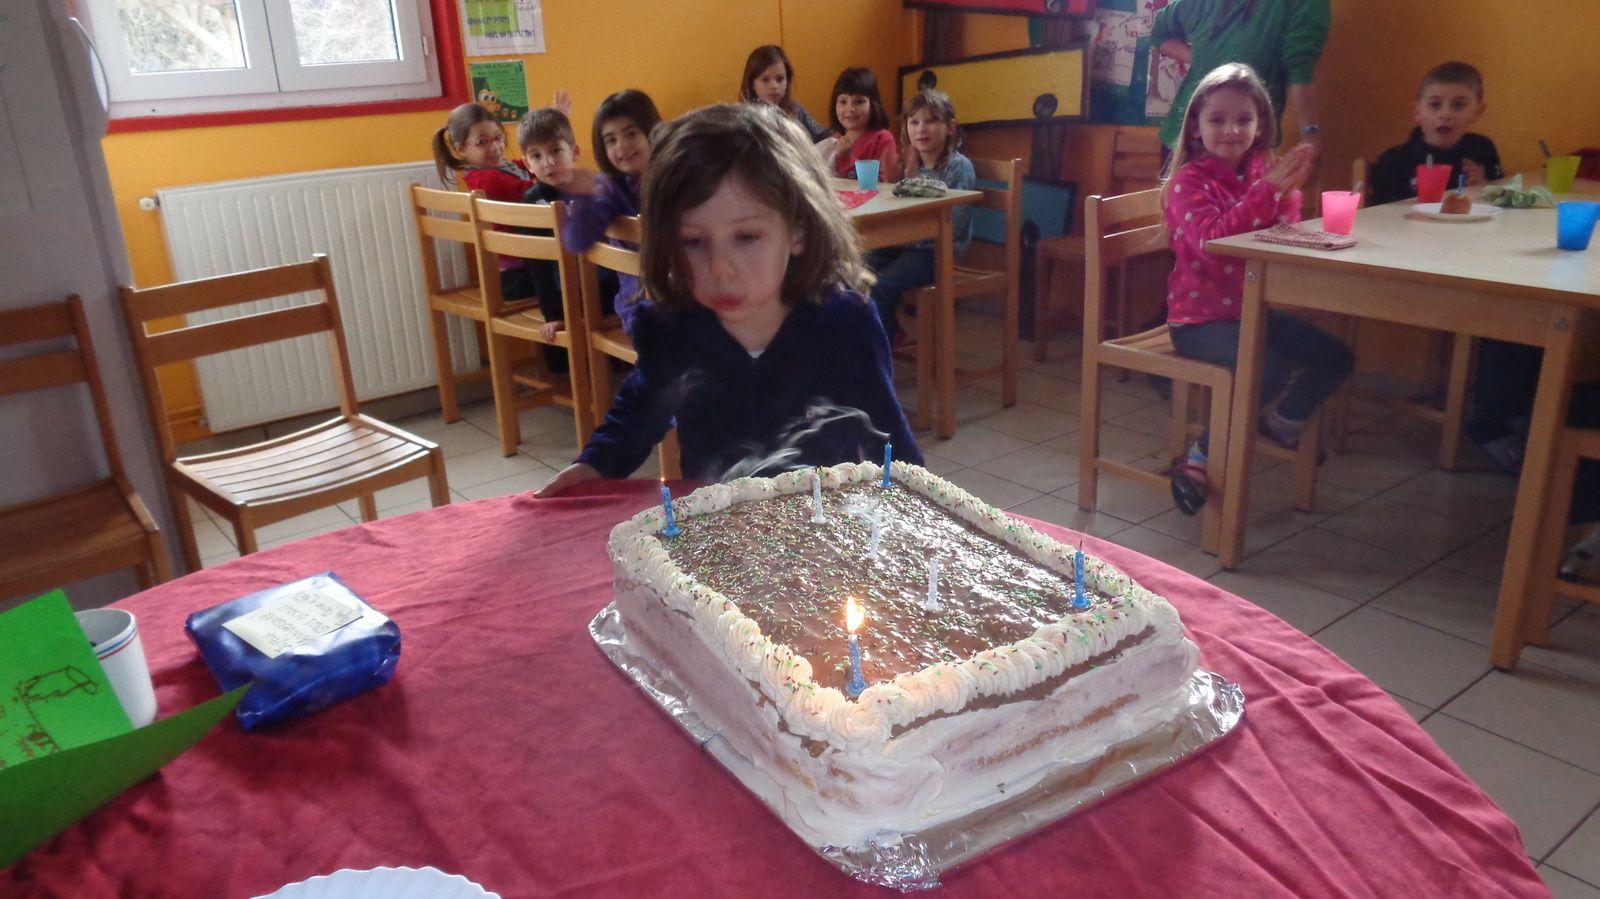 Joyeux anniversaire! à nous le gâteau et les pieds dans l'eau...